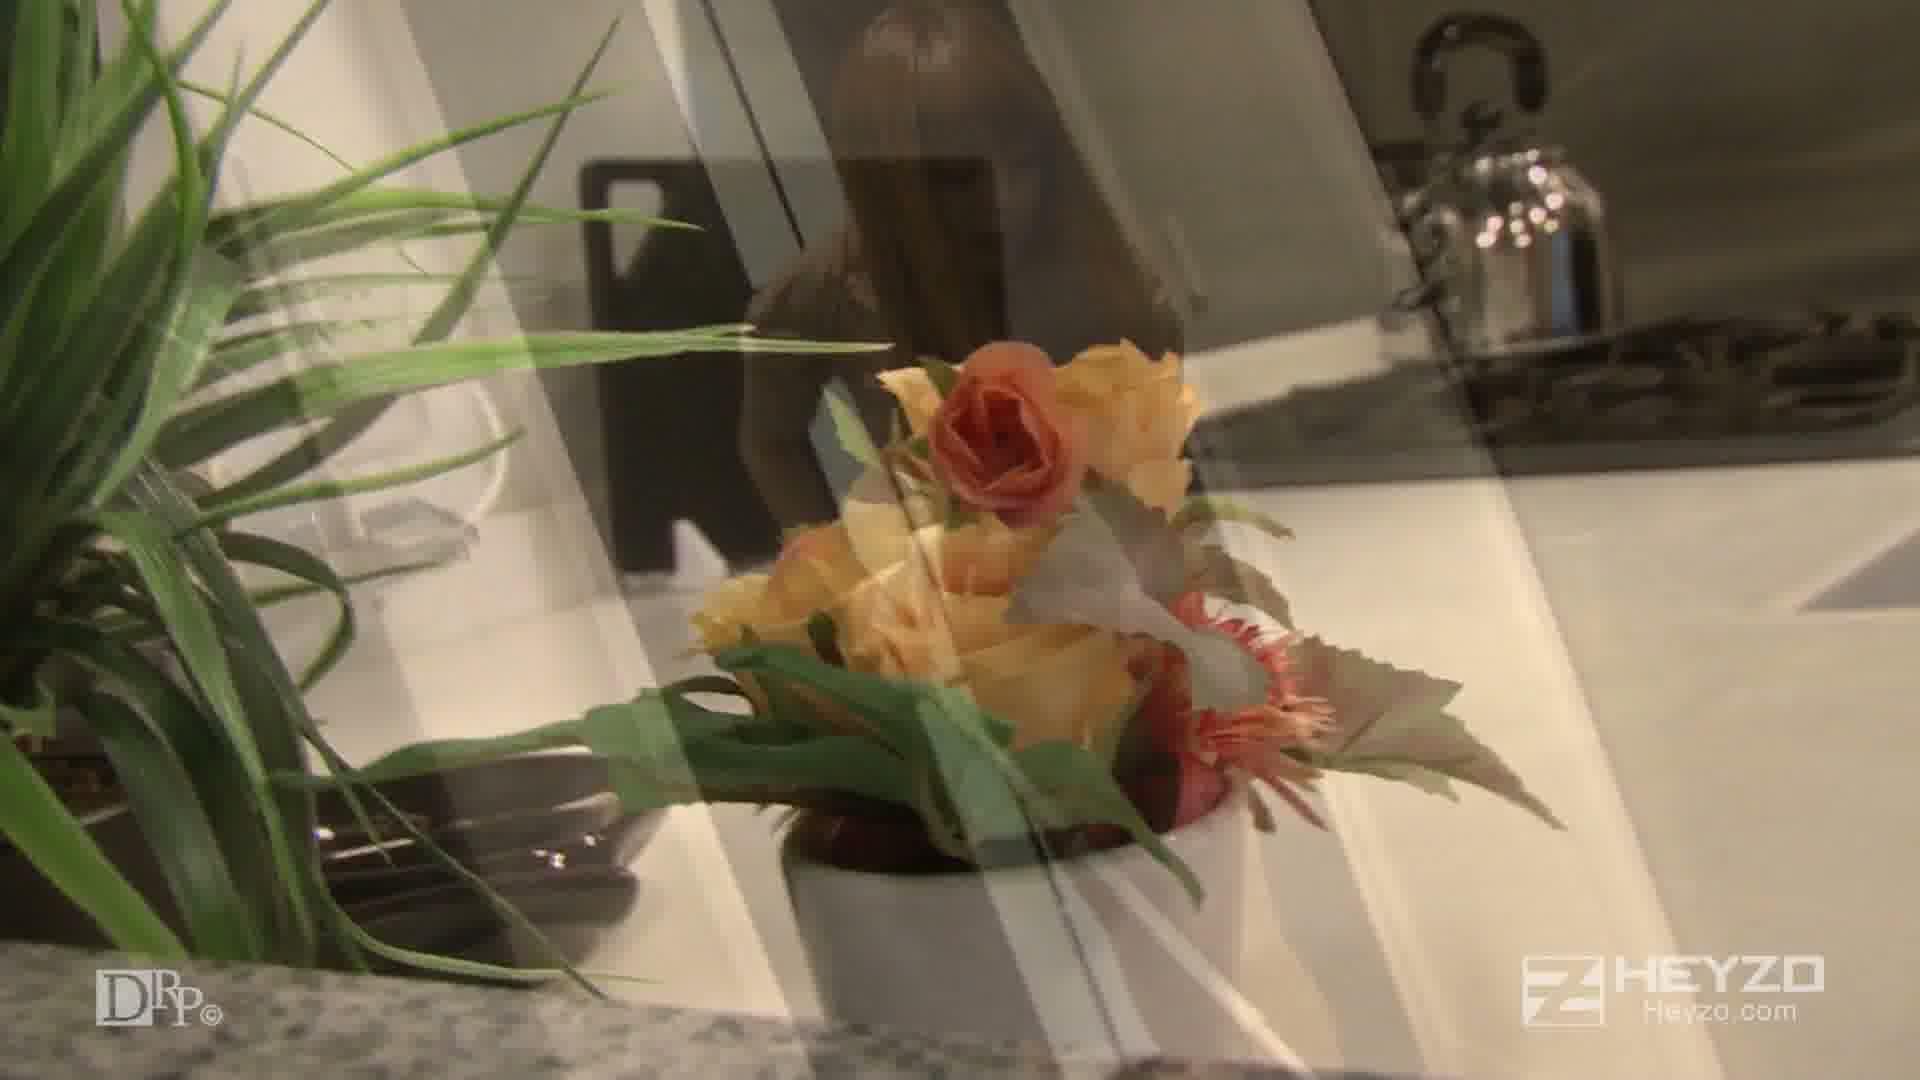 若妻麗香の肉食セックス~男を捕食する薔薇のタトゥー~ - 北原麗香【オナニー 】